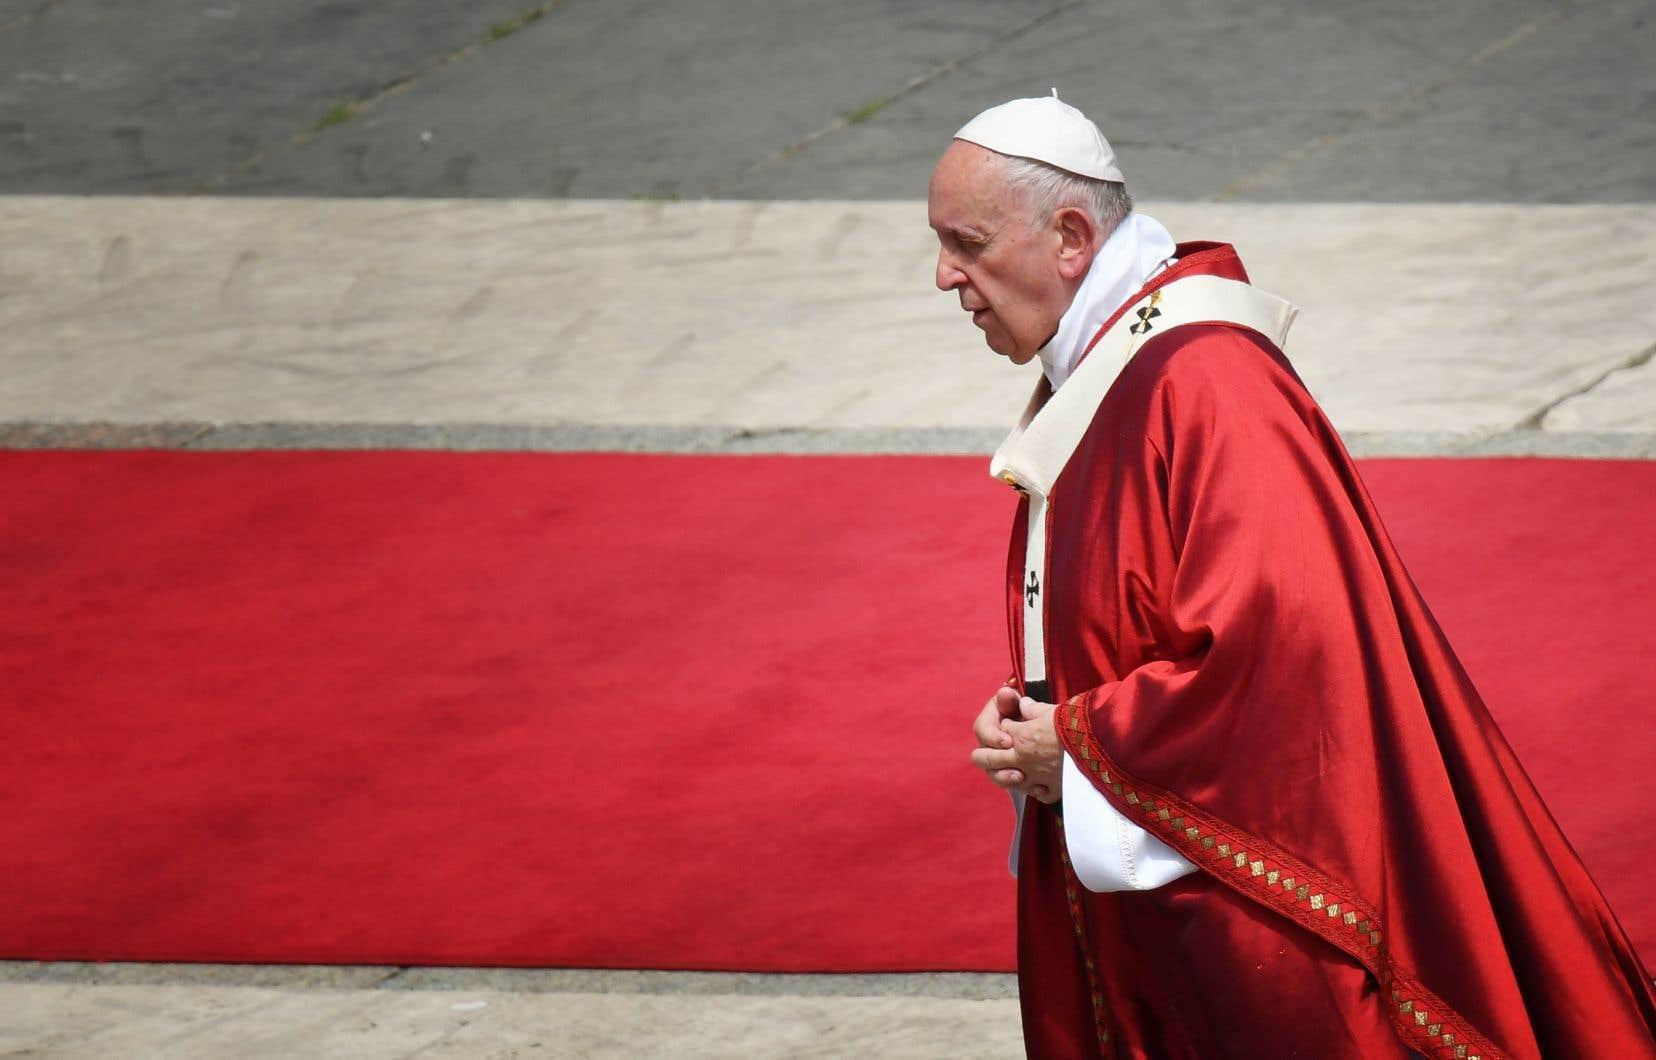 Le pape a multiplié ces dernières semaines ses interventions en faveur des plus démunis, notamment étrangers, vivant avec difficulté dans la Ville éternelle.